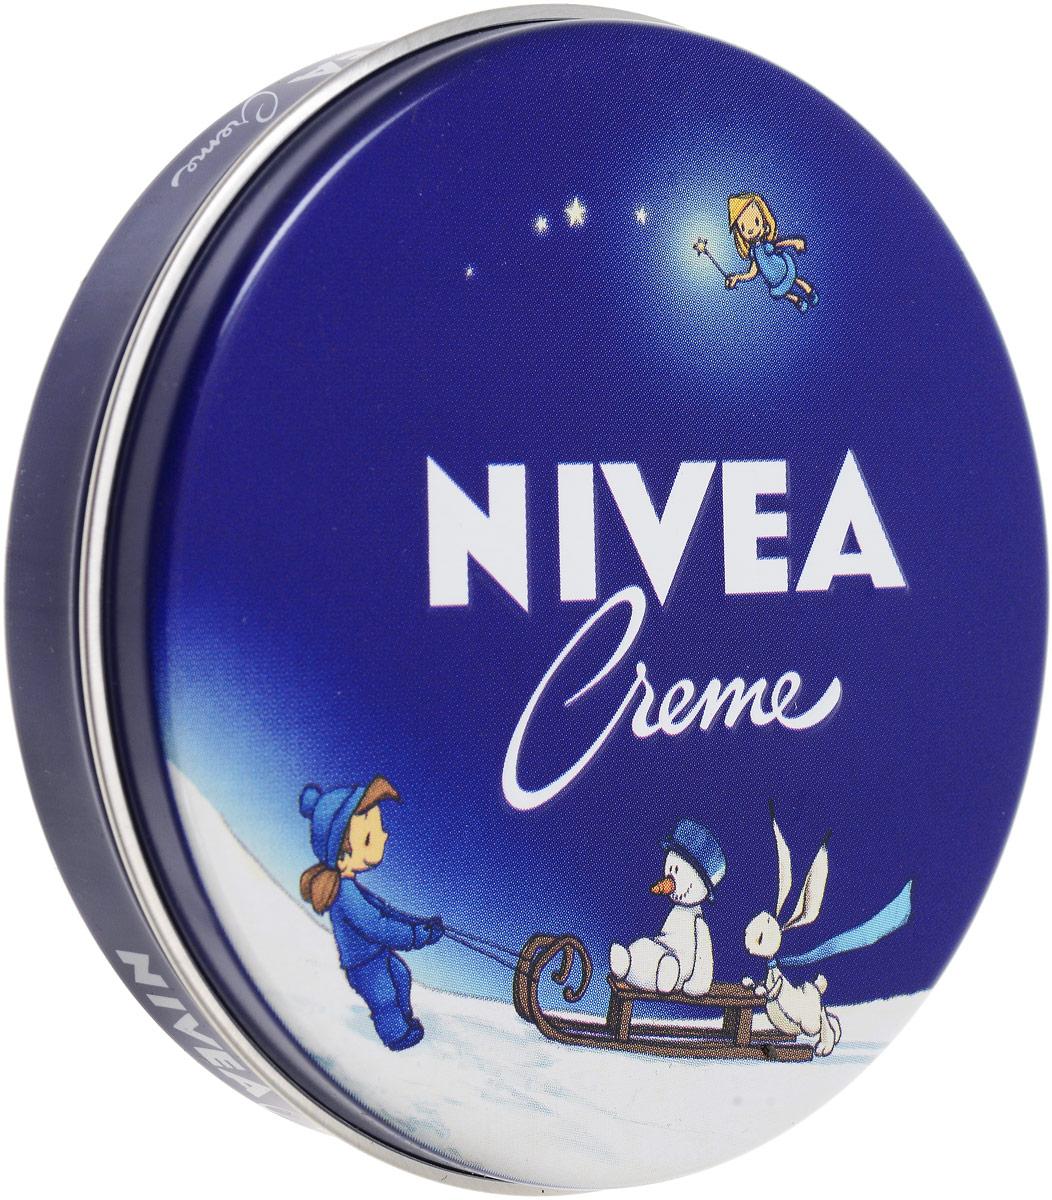 NIVEA Крем для ухода за кожей 75 мл80103Универсальный крем для кожи Nivea Creme обладает уникальной формулой, благодаря которой увлажняет, питает и бережно ухаживает за кожей тела, особенно за сухими участками. Крем не содержит консервантов и поэтому подходит даже для нежной детской кожи. Характеристики: Объем: 75 мл. Производитель: Германия. Артикул: 80103.Товар сертифицирован.